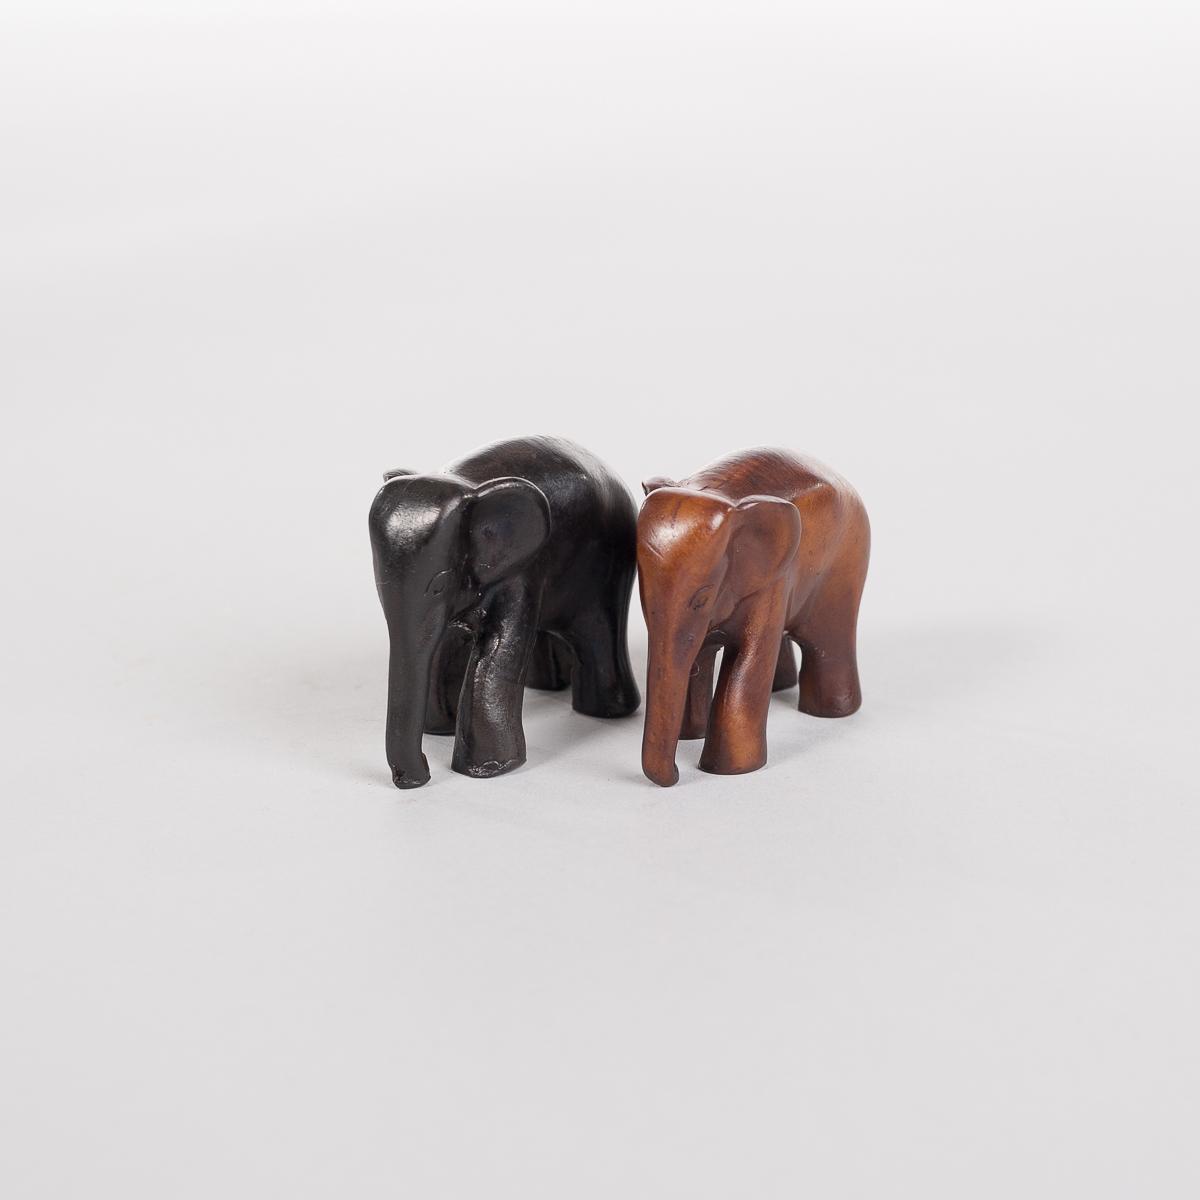 Liten Sort Elefant-504